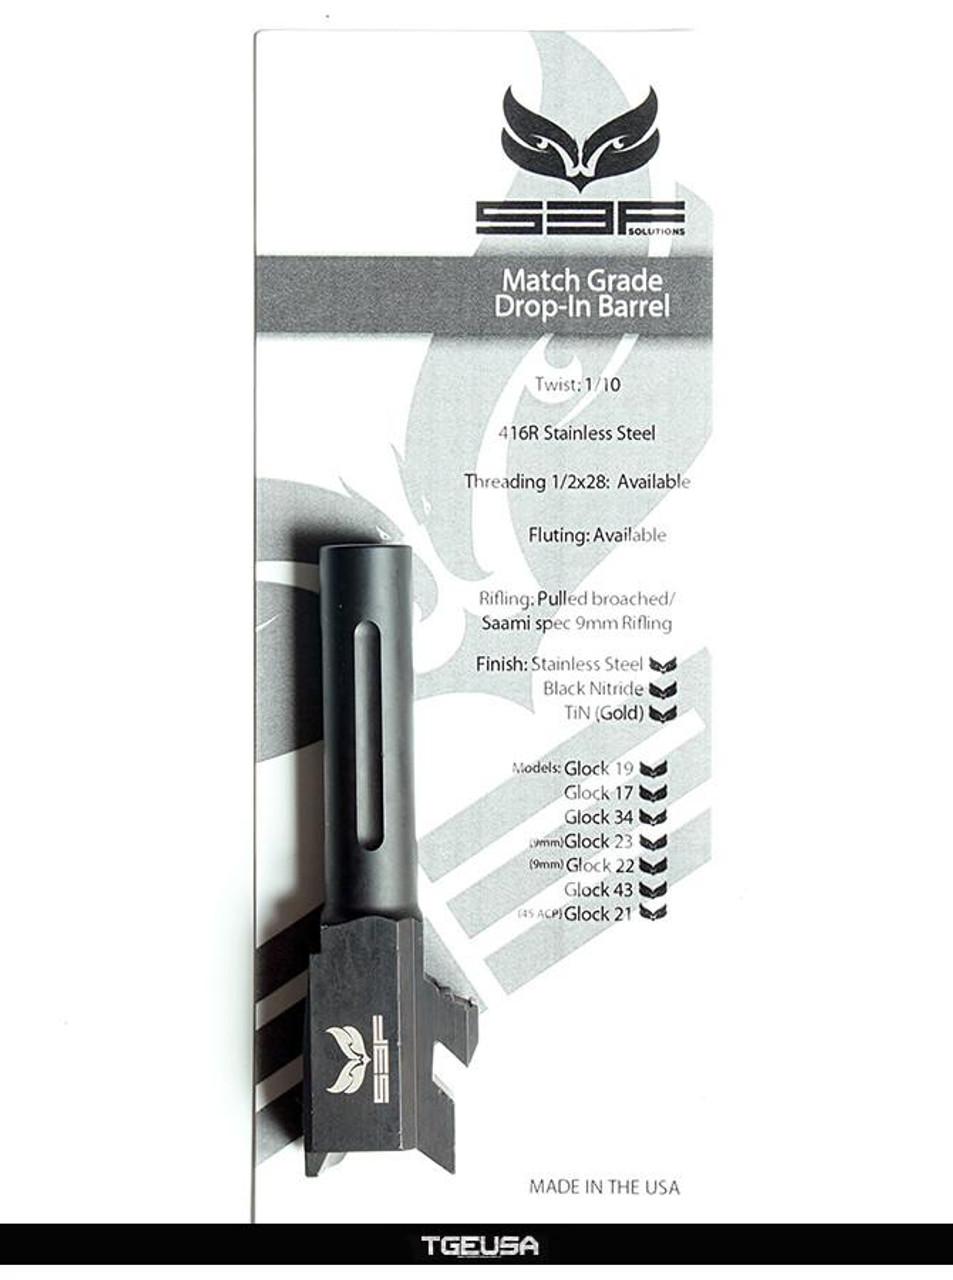 S3FSolutions Glock 43 Match Grade Barrel - Black Nitride / Fluted